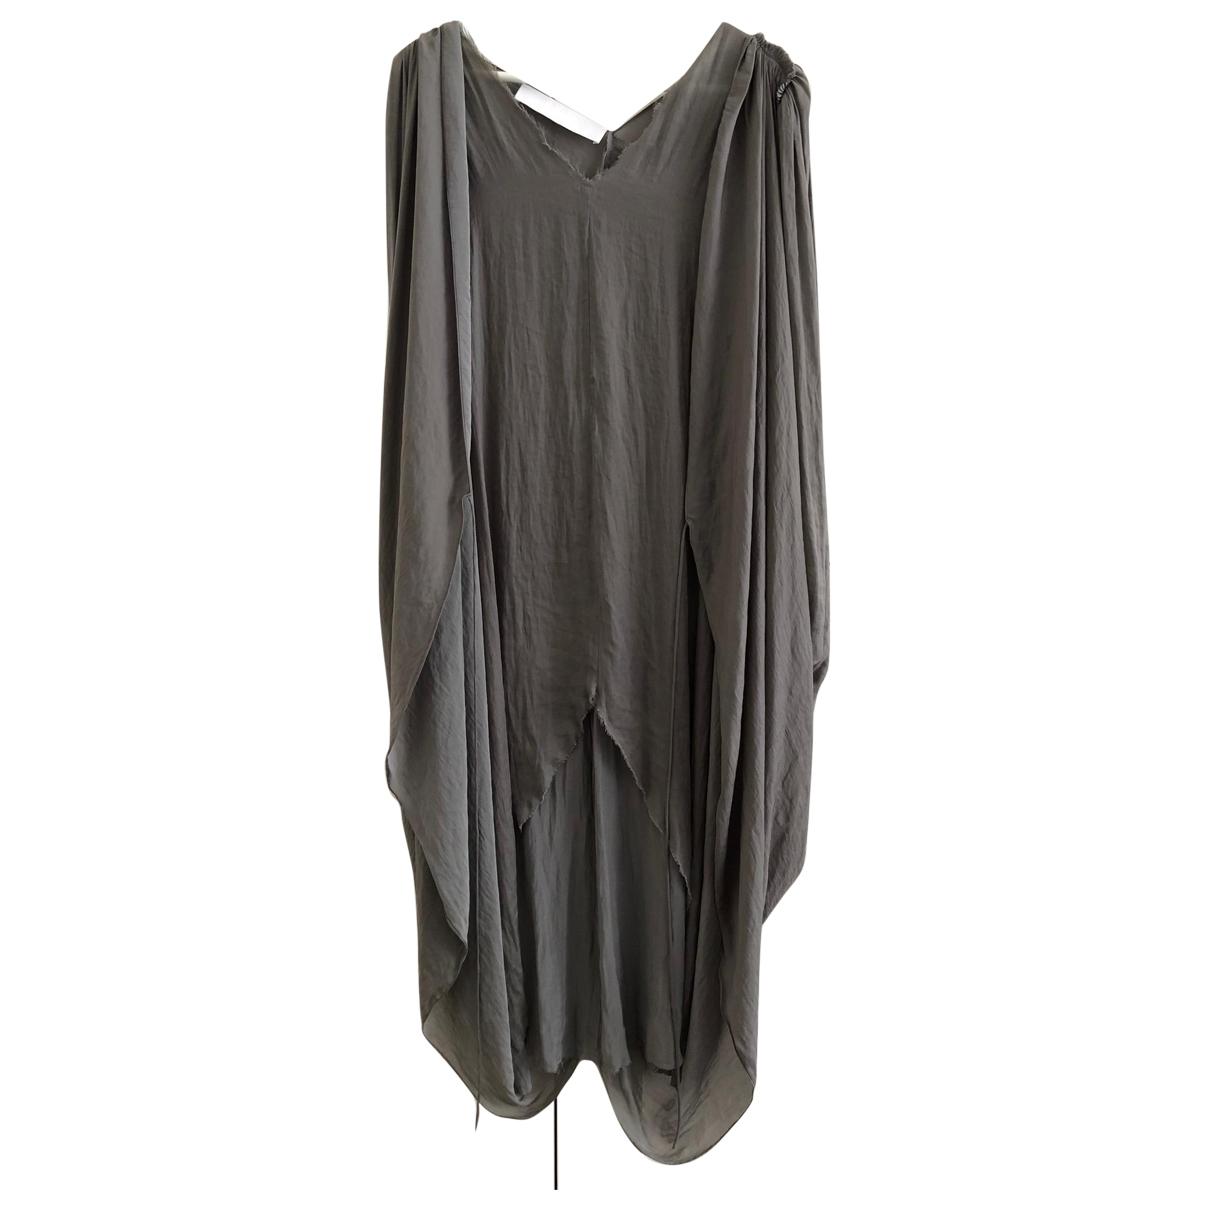 Lanvin \N Kleid in  Grau Polyester